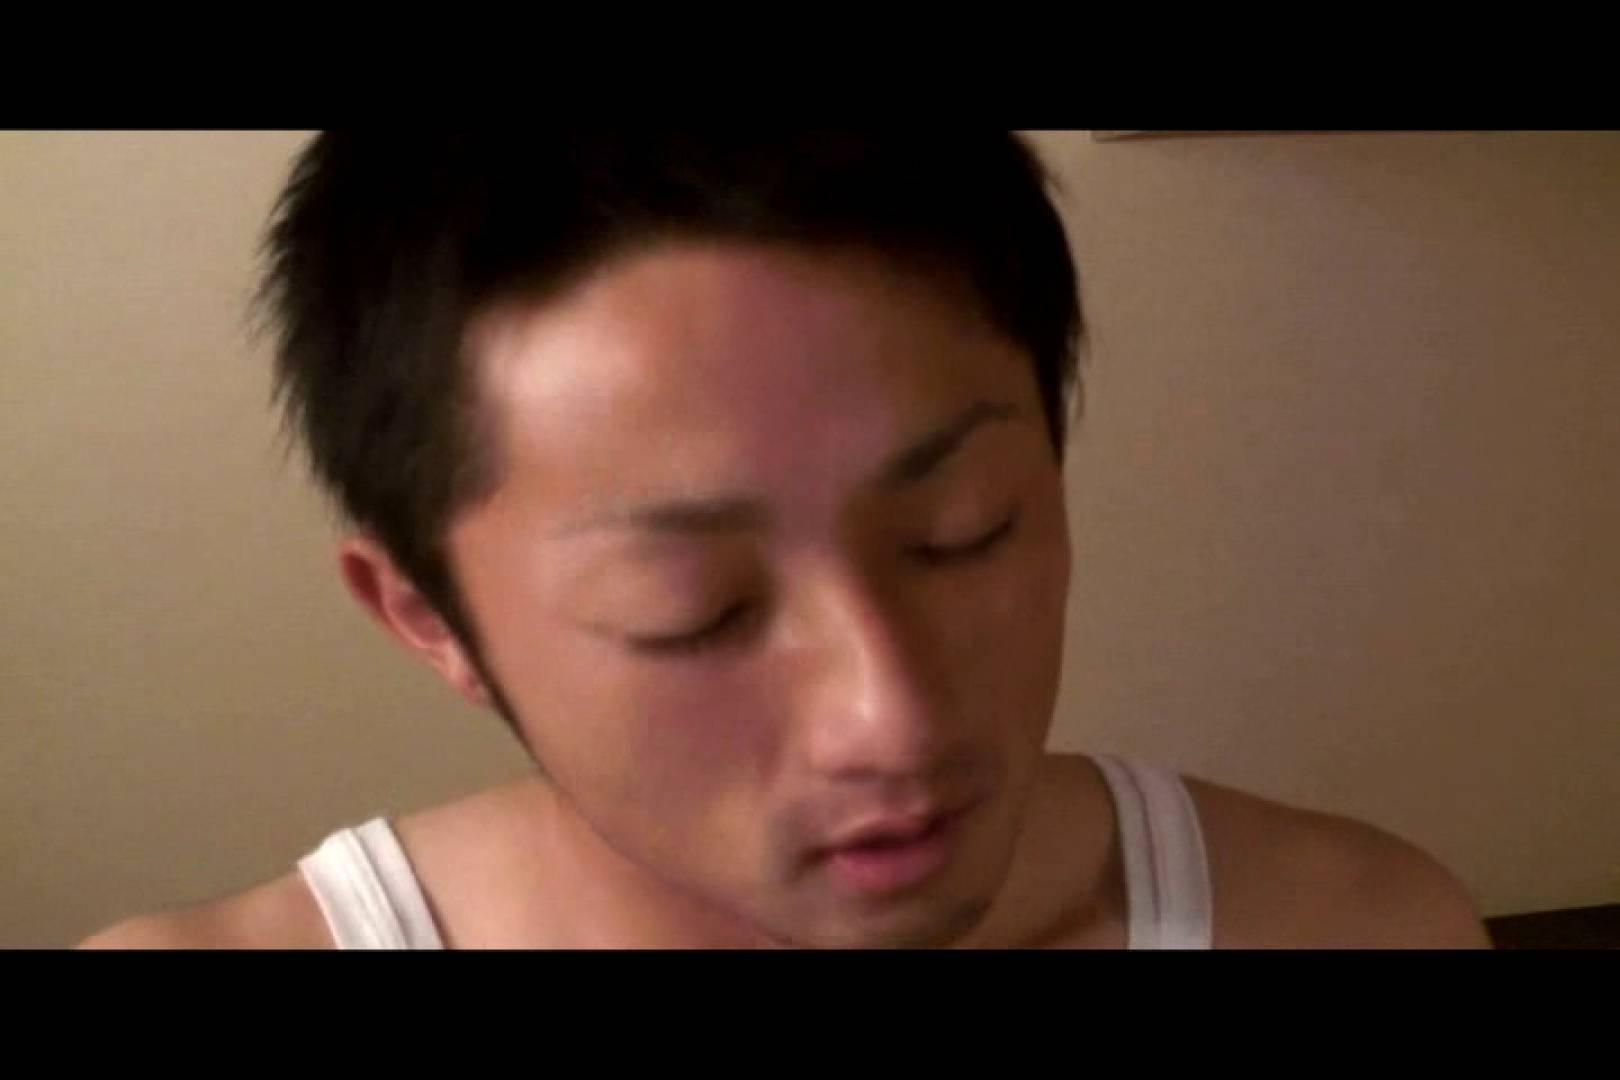 イケメンモッコリウォッチング!!No.01 スポーツ系男子 ゲイエロビデオ画像 85枚 24